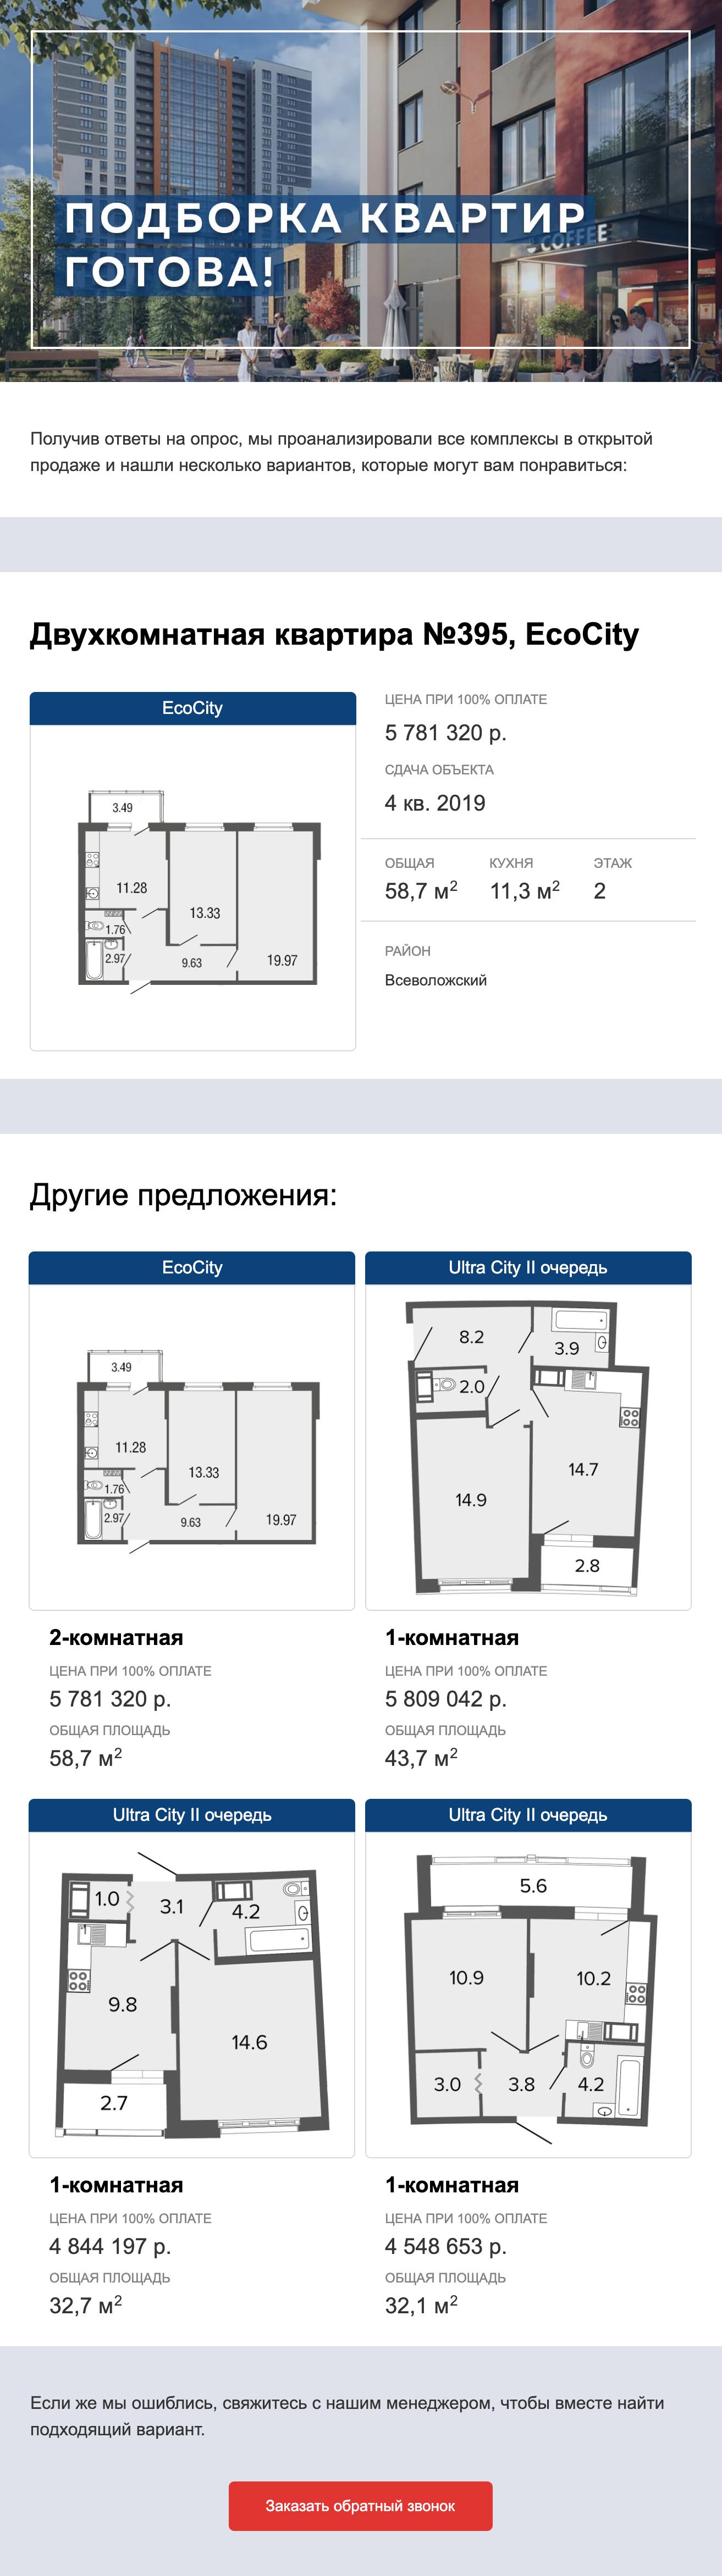 подписчики получили письмо, где предлагались сегменты рынка недвижимости